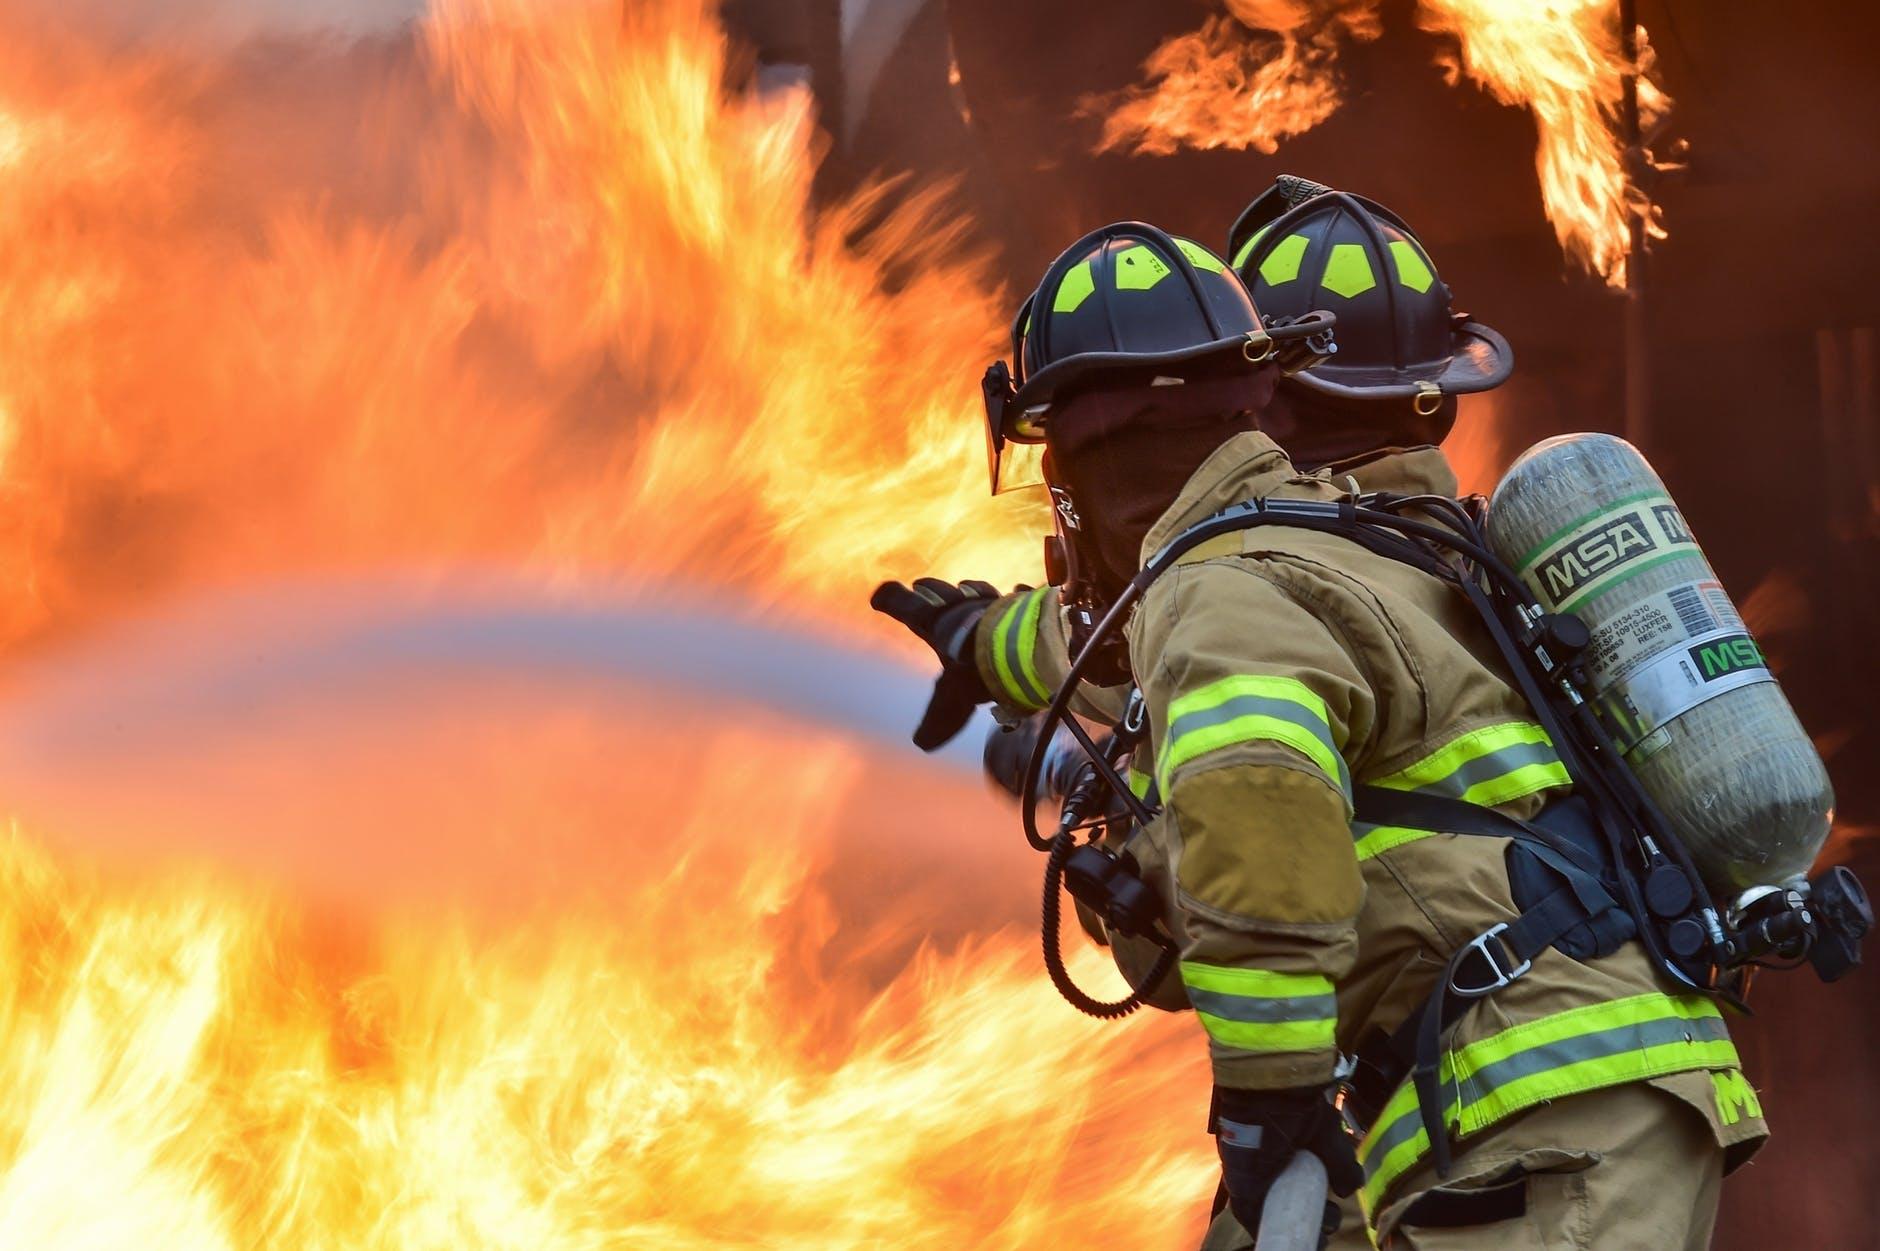 7日凌晨2點10分,安城市薇陽面的一流浪動物收容所發生火災,消防員出動後約3小時滅火。 火災造成被關在收容所內的180隻狗狗與80餘隻貓咪死亡。